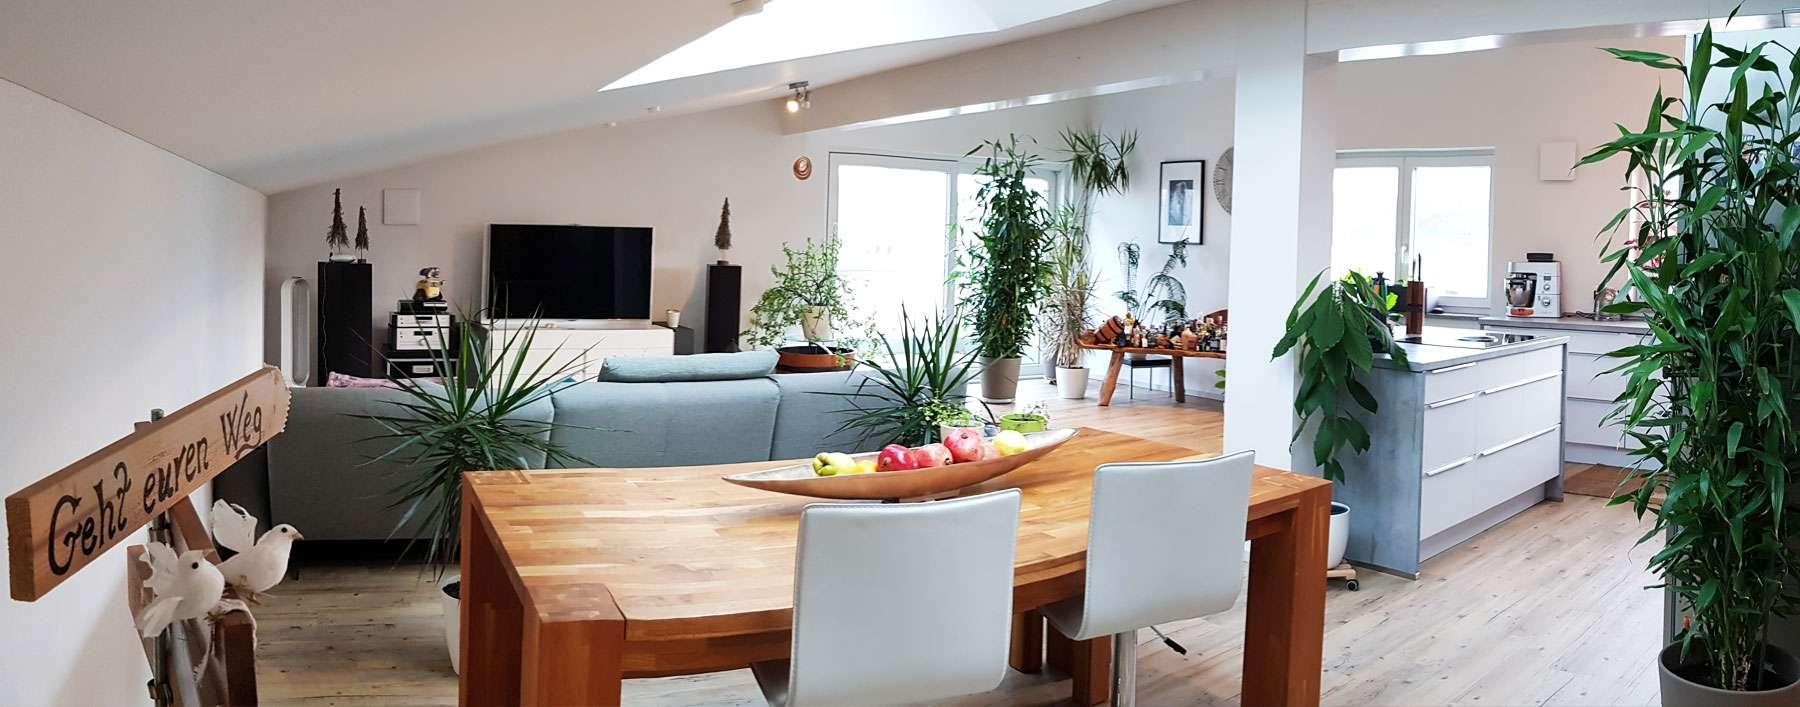 Exklusive DG-Wohnung nah an Zentrum und Iller (provisionsfrei) in